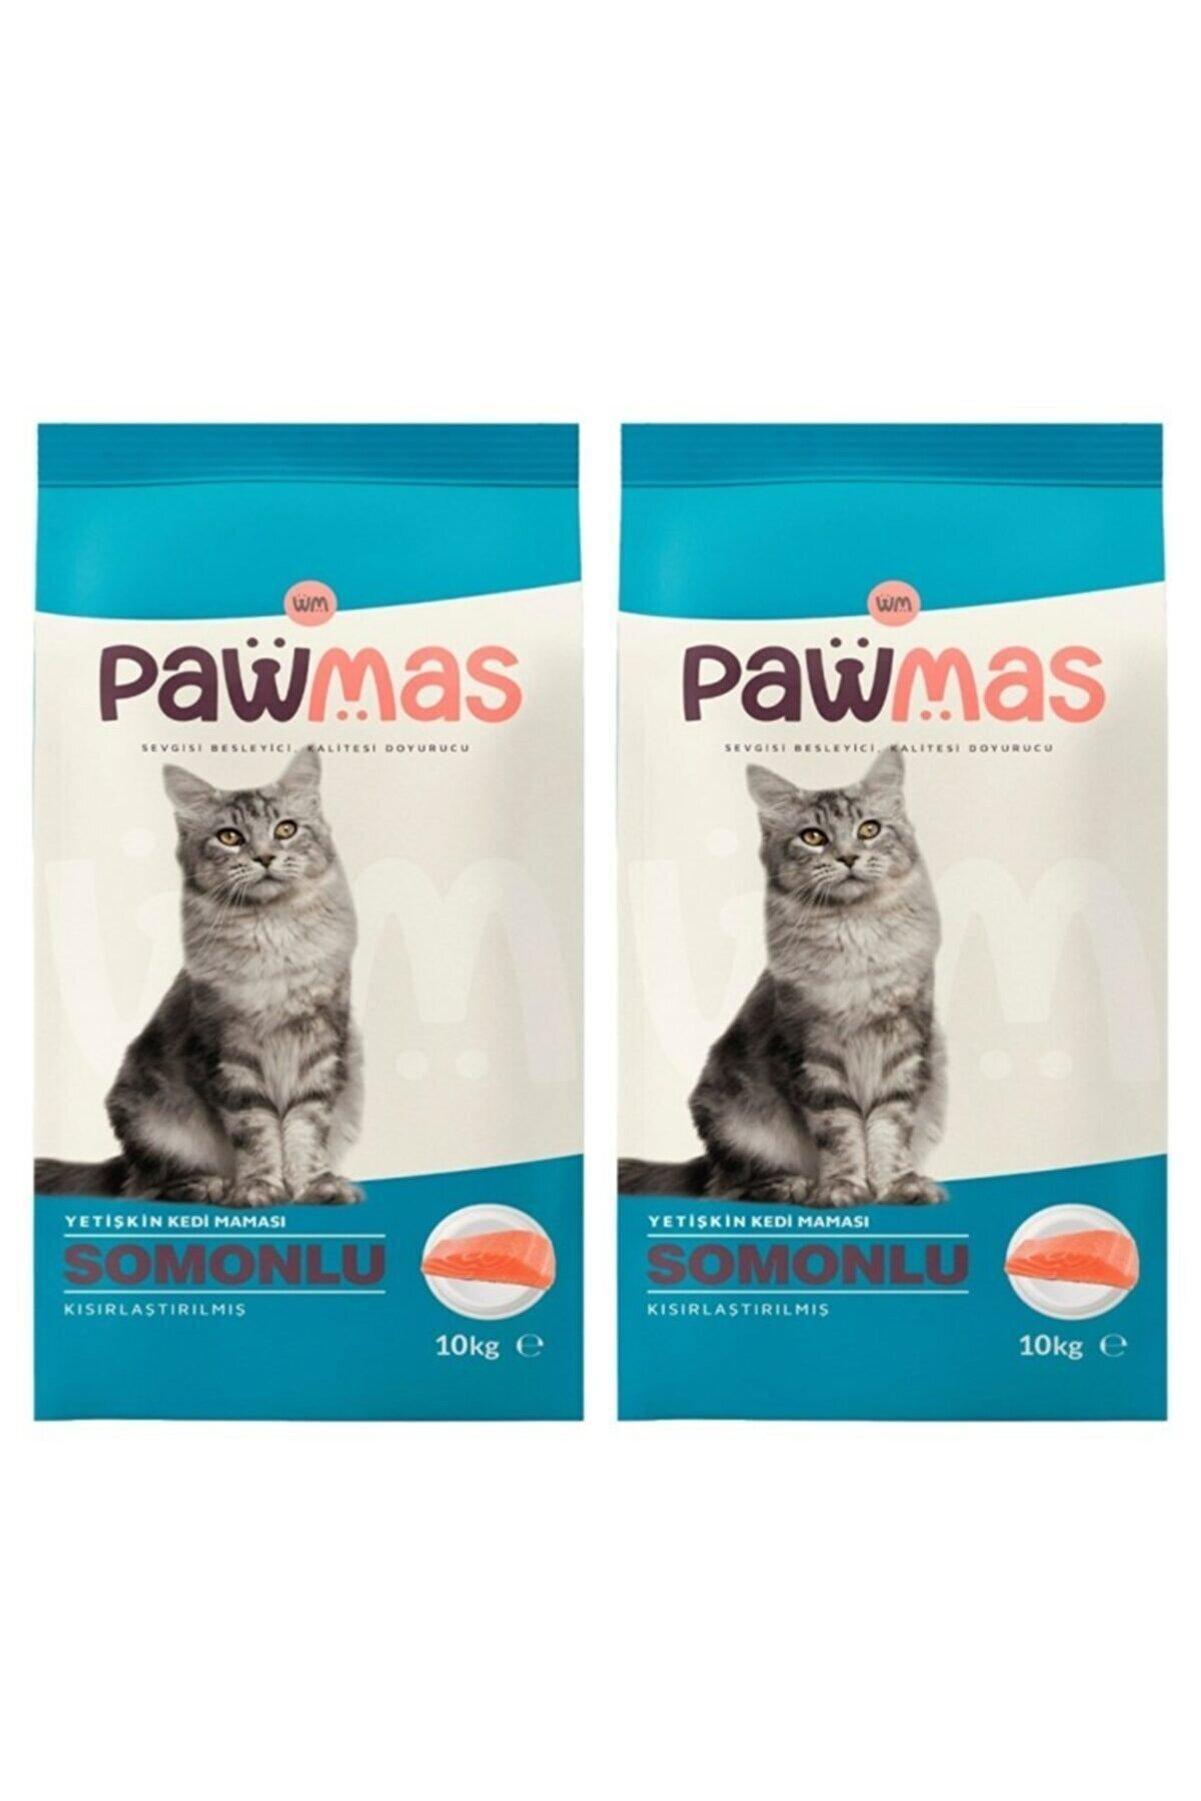 Pawmas Somonlu Kısırlaştırılmış Yetişkin Kedi Maması 10 kg 2 Adet